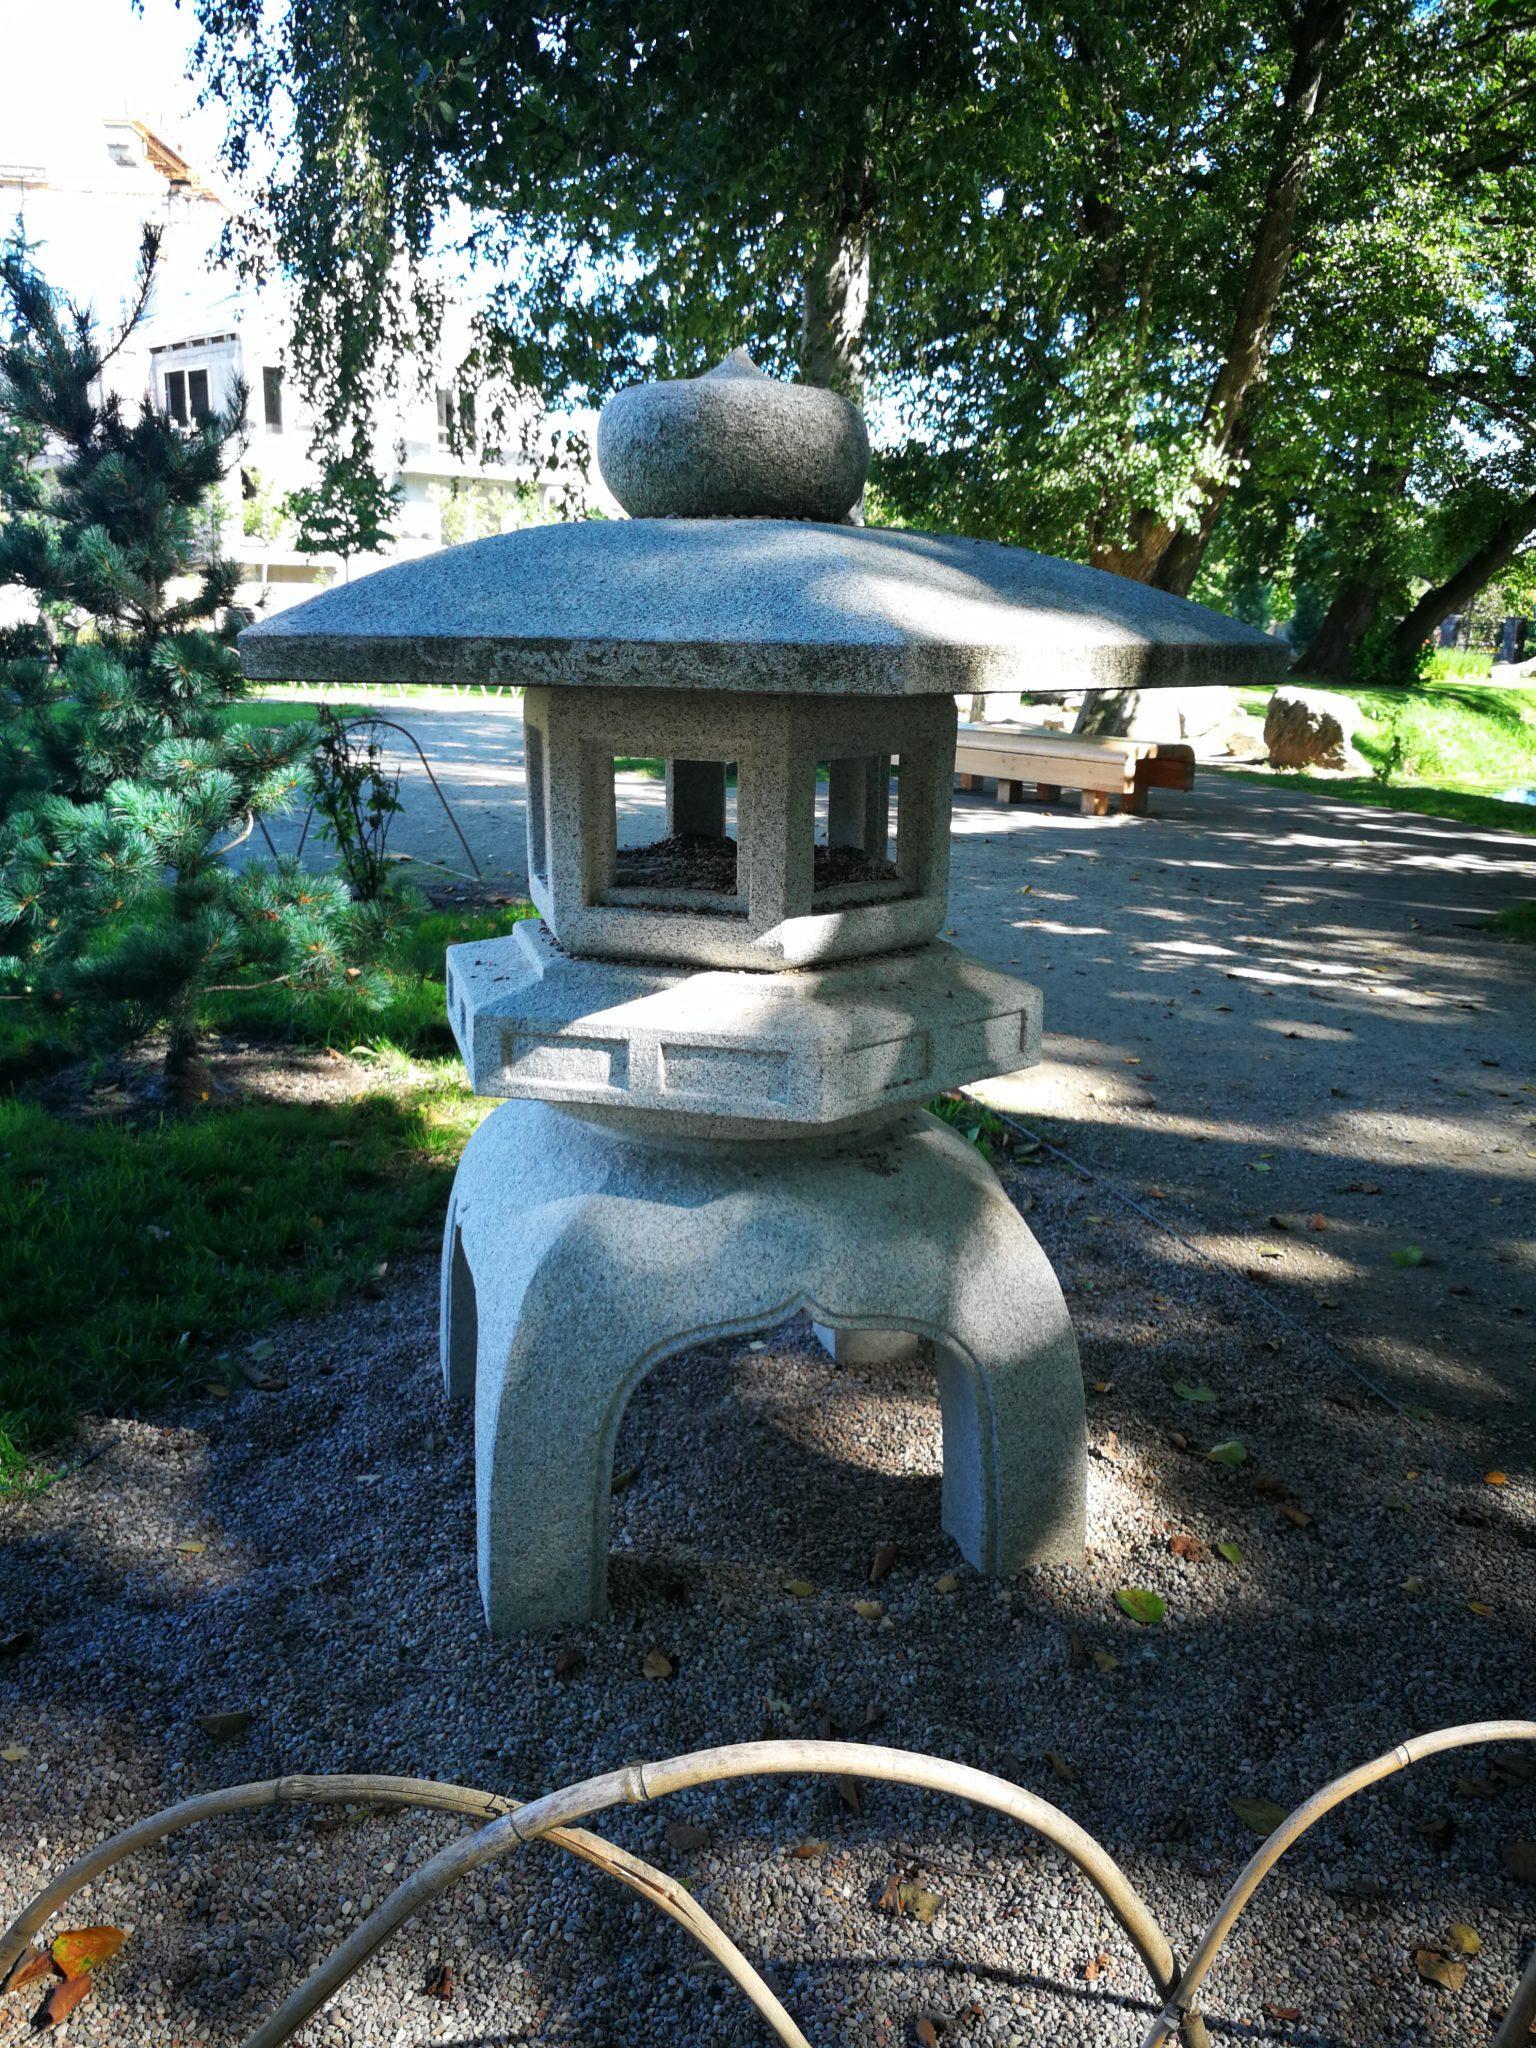 Tōrō-latarnia-w-stylu-japońskim-Ogród-Japoński-w-Parku-Oliwskim-w-Gdańsku-autor-Ania-Anna-Kotula-z-Tour-Guide-Service-Gdańsk